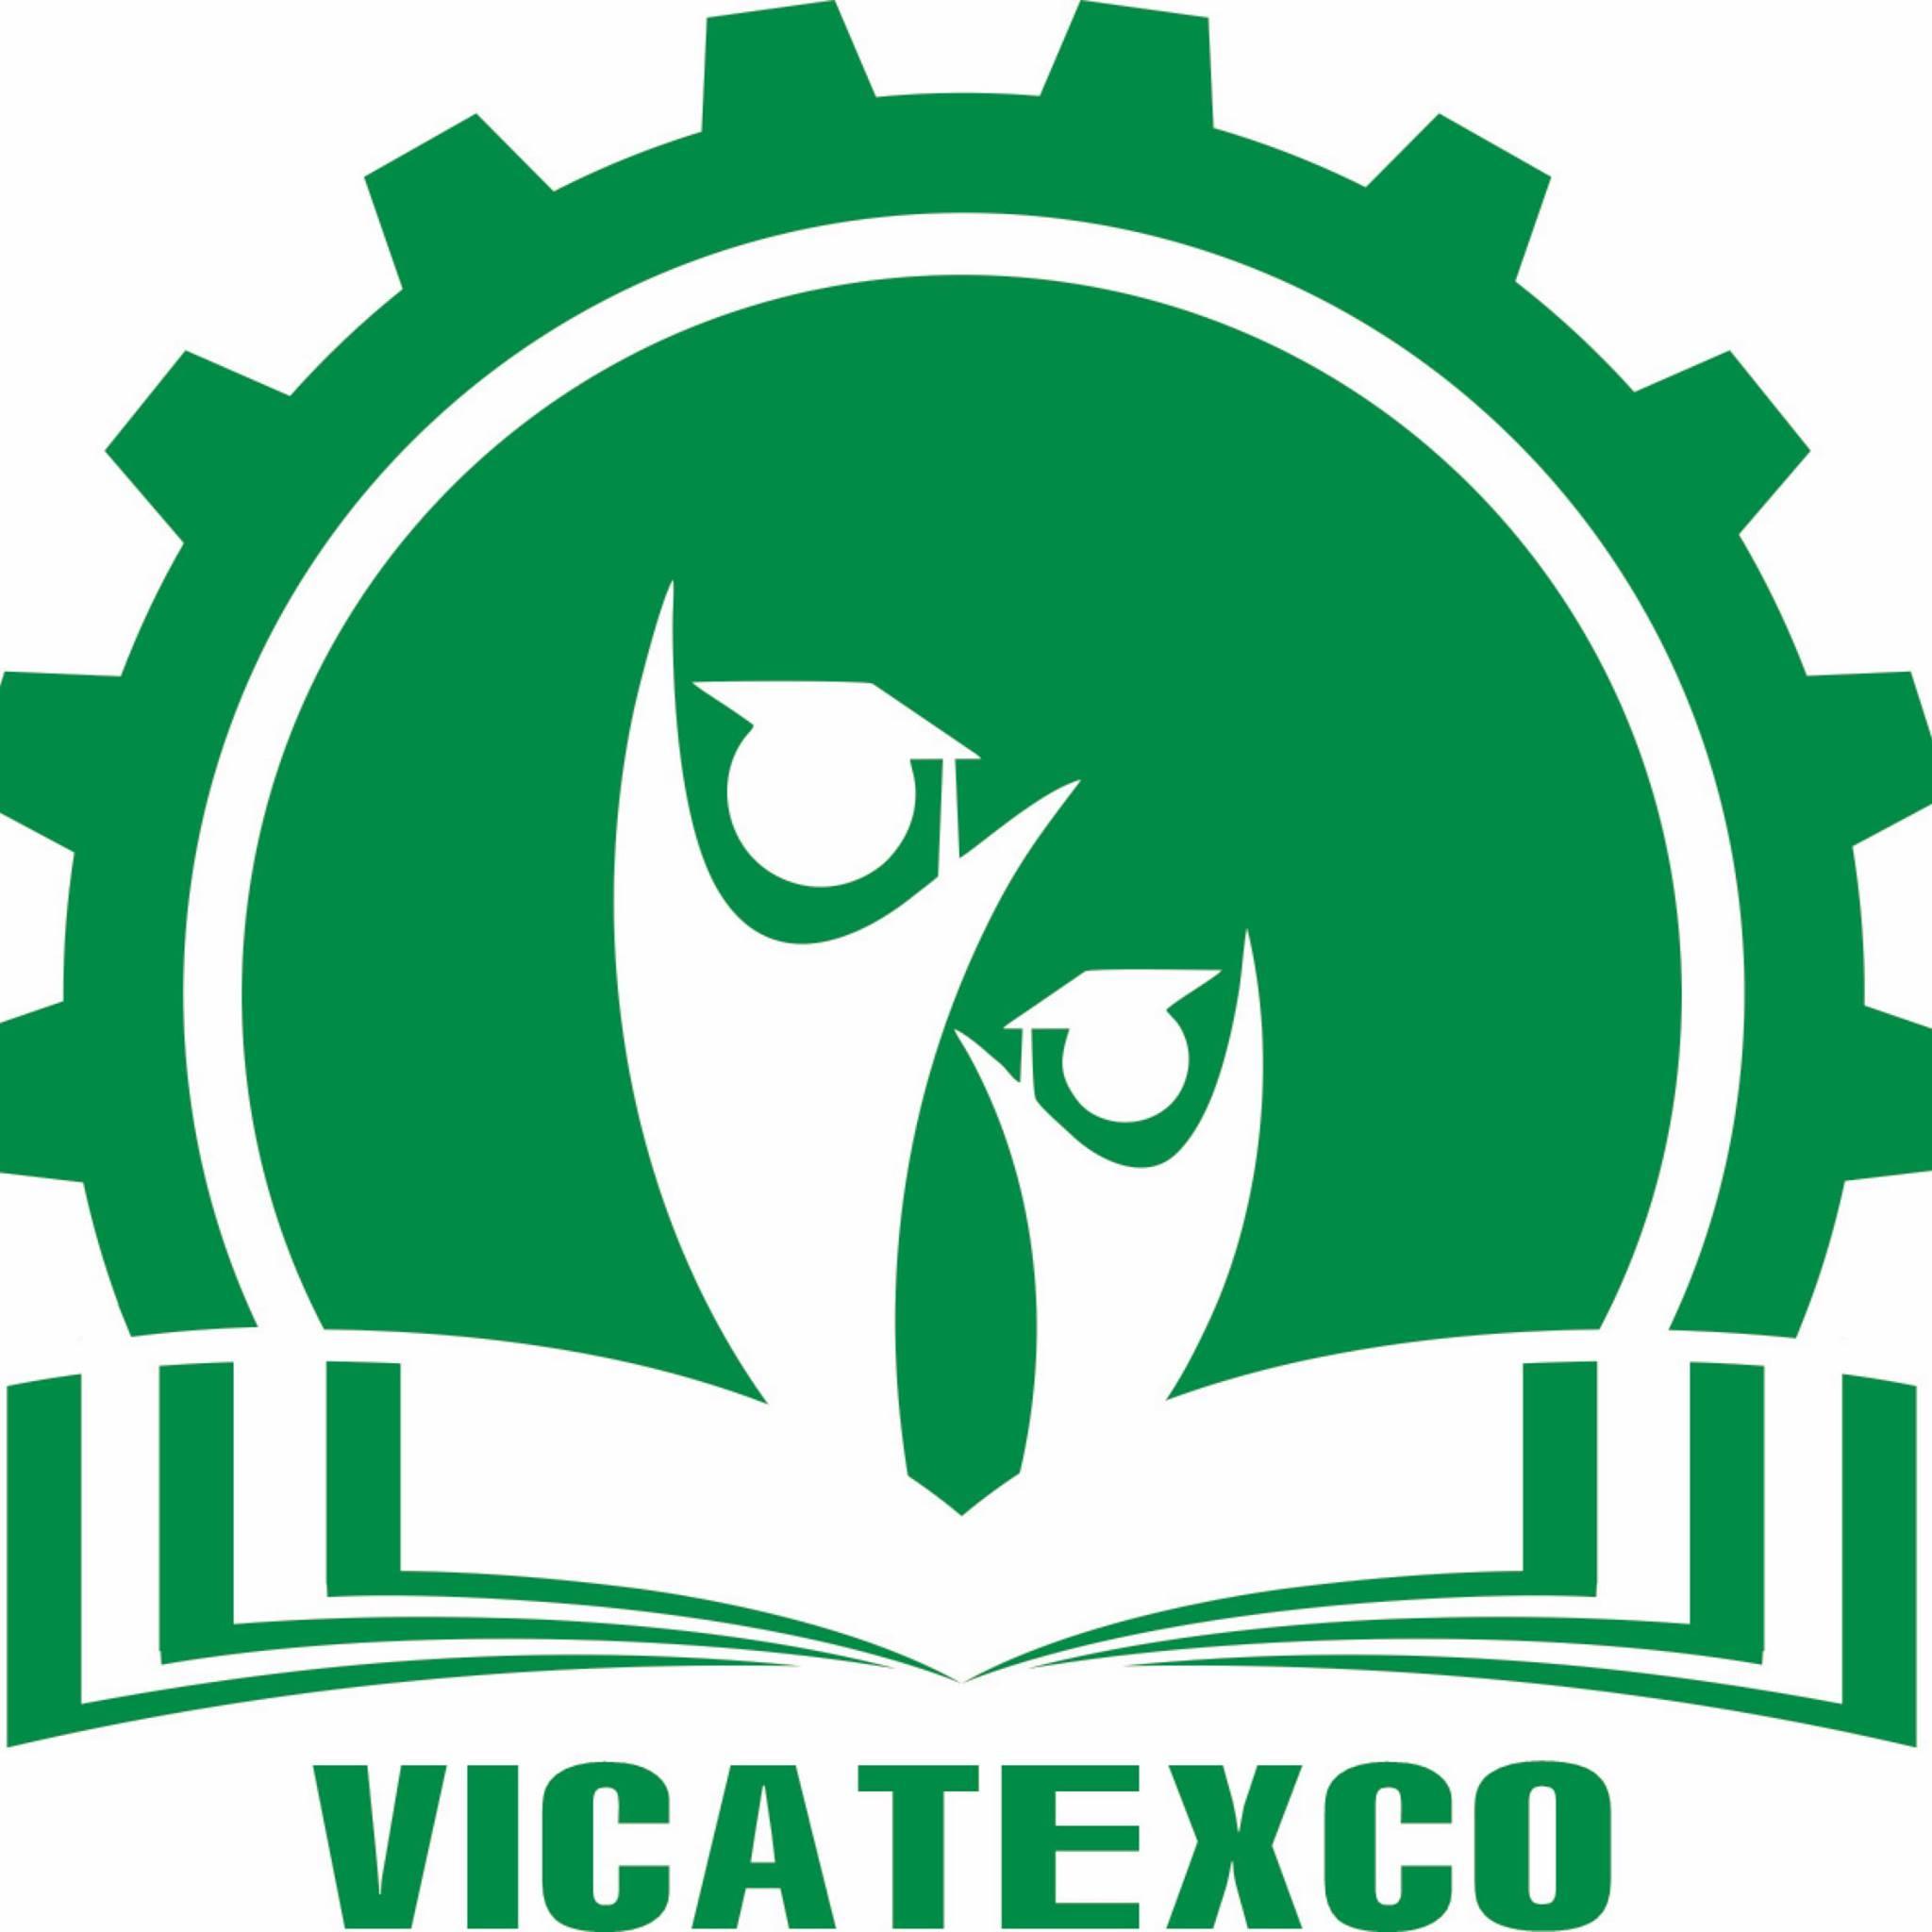 VICATEXCO